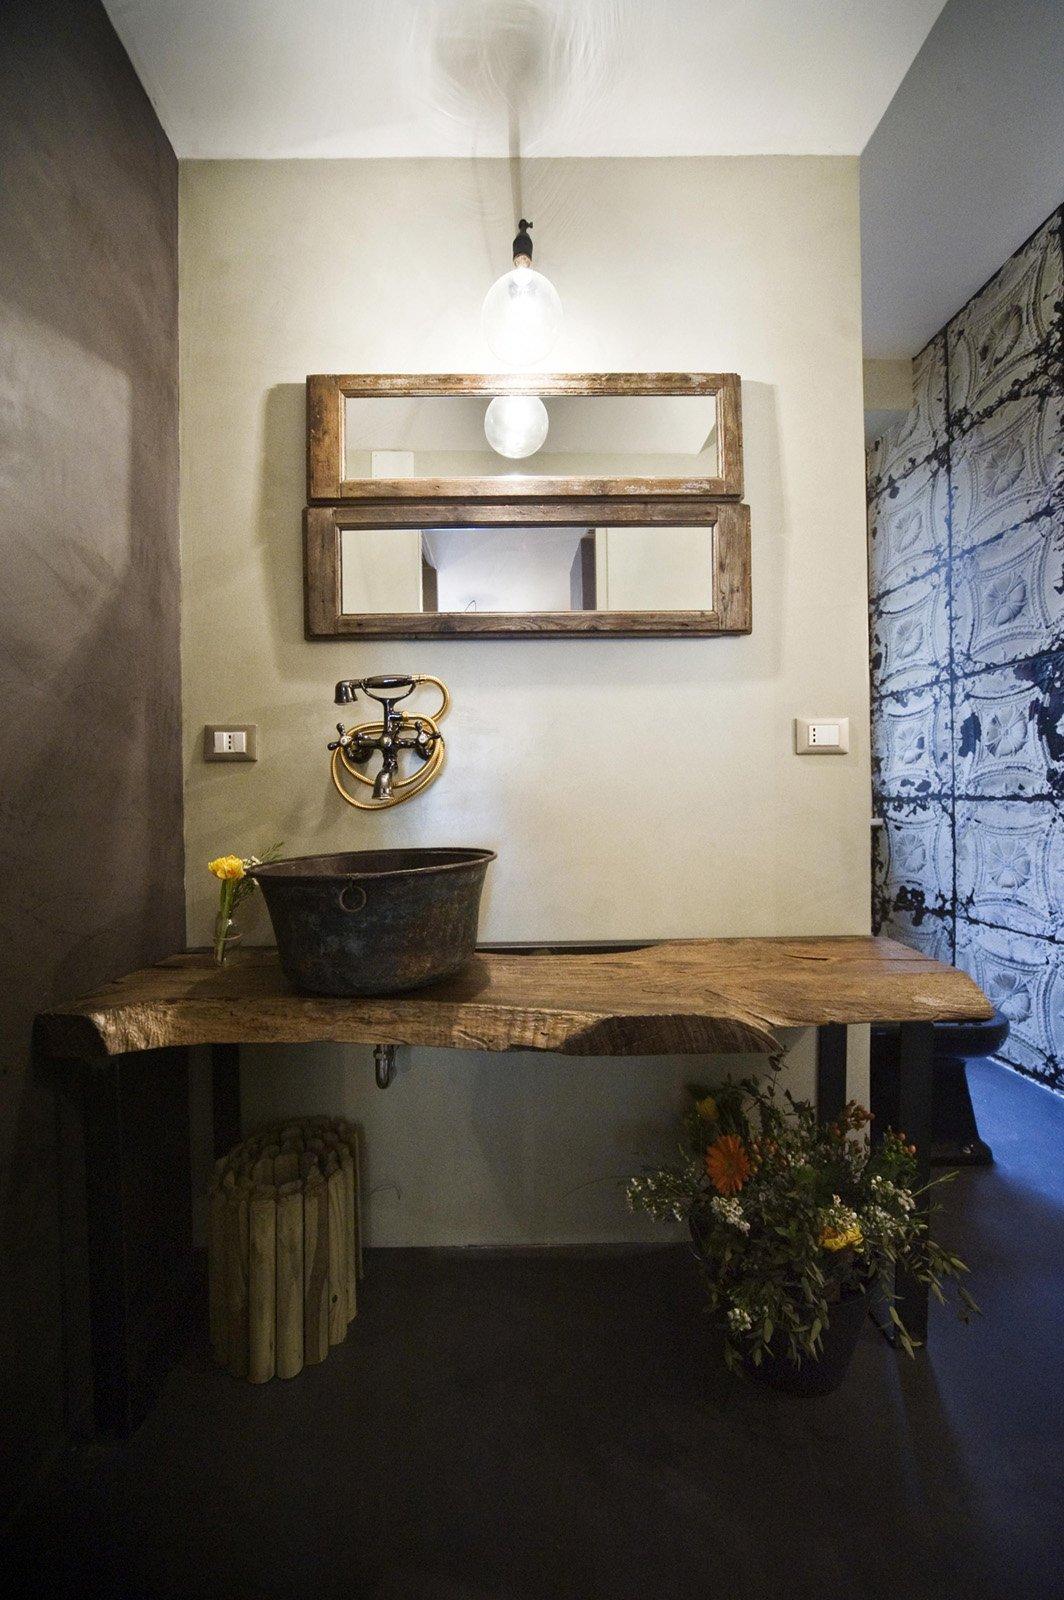 Bagno con finiture cemento o effetto cemento cose di casa - Cucine in cemento ...